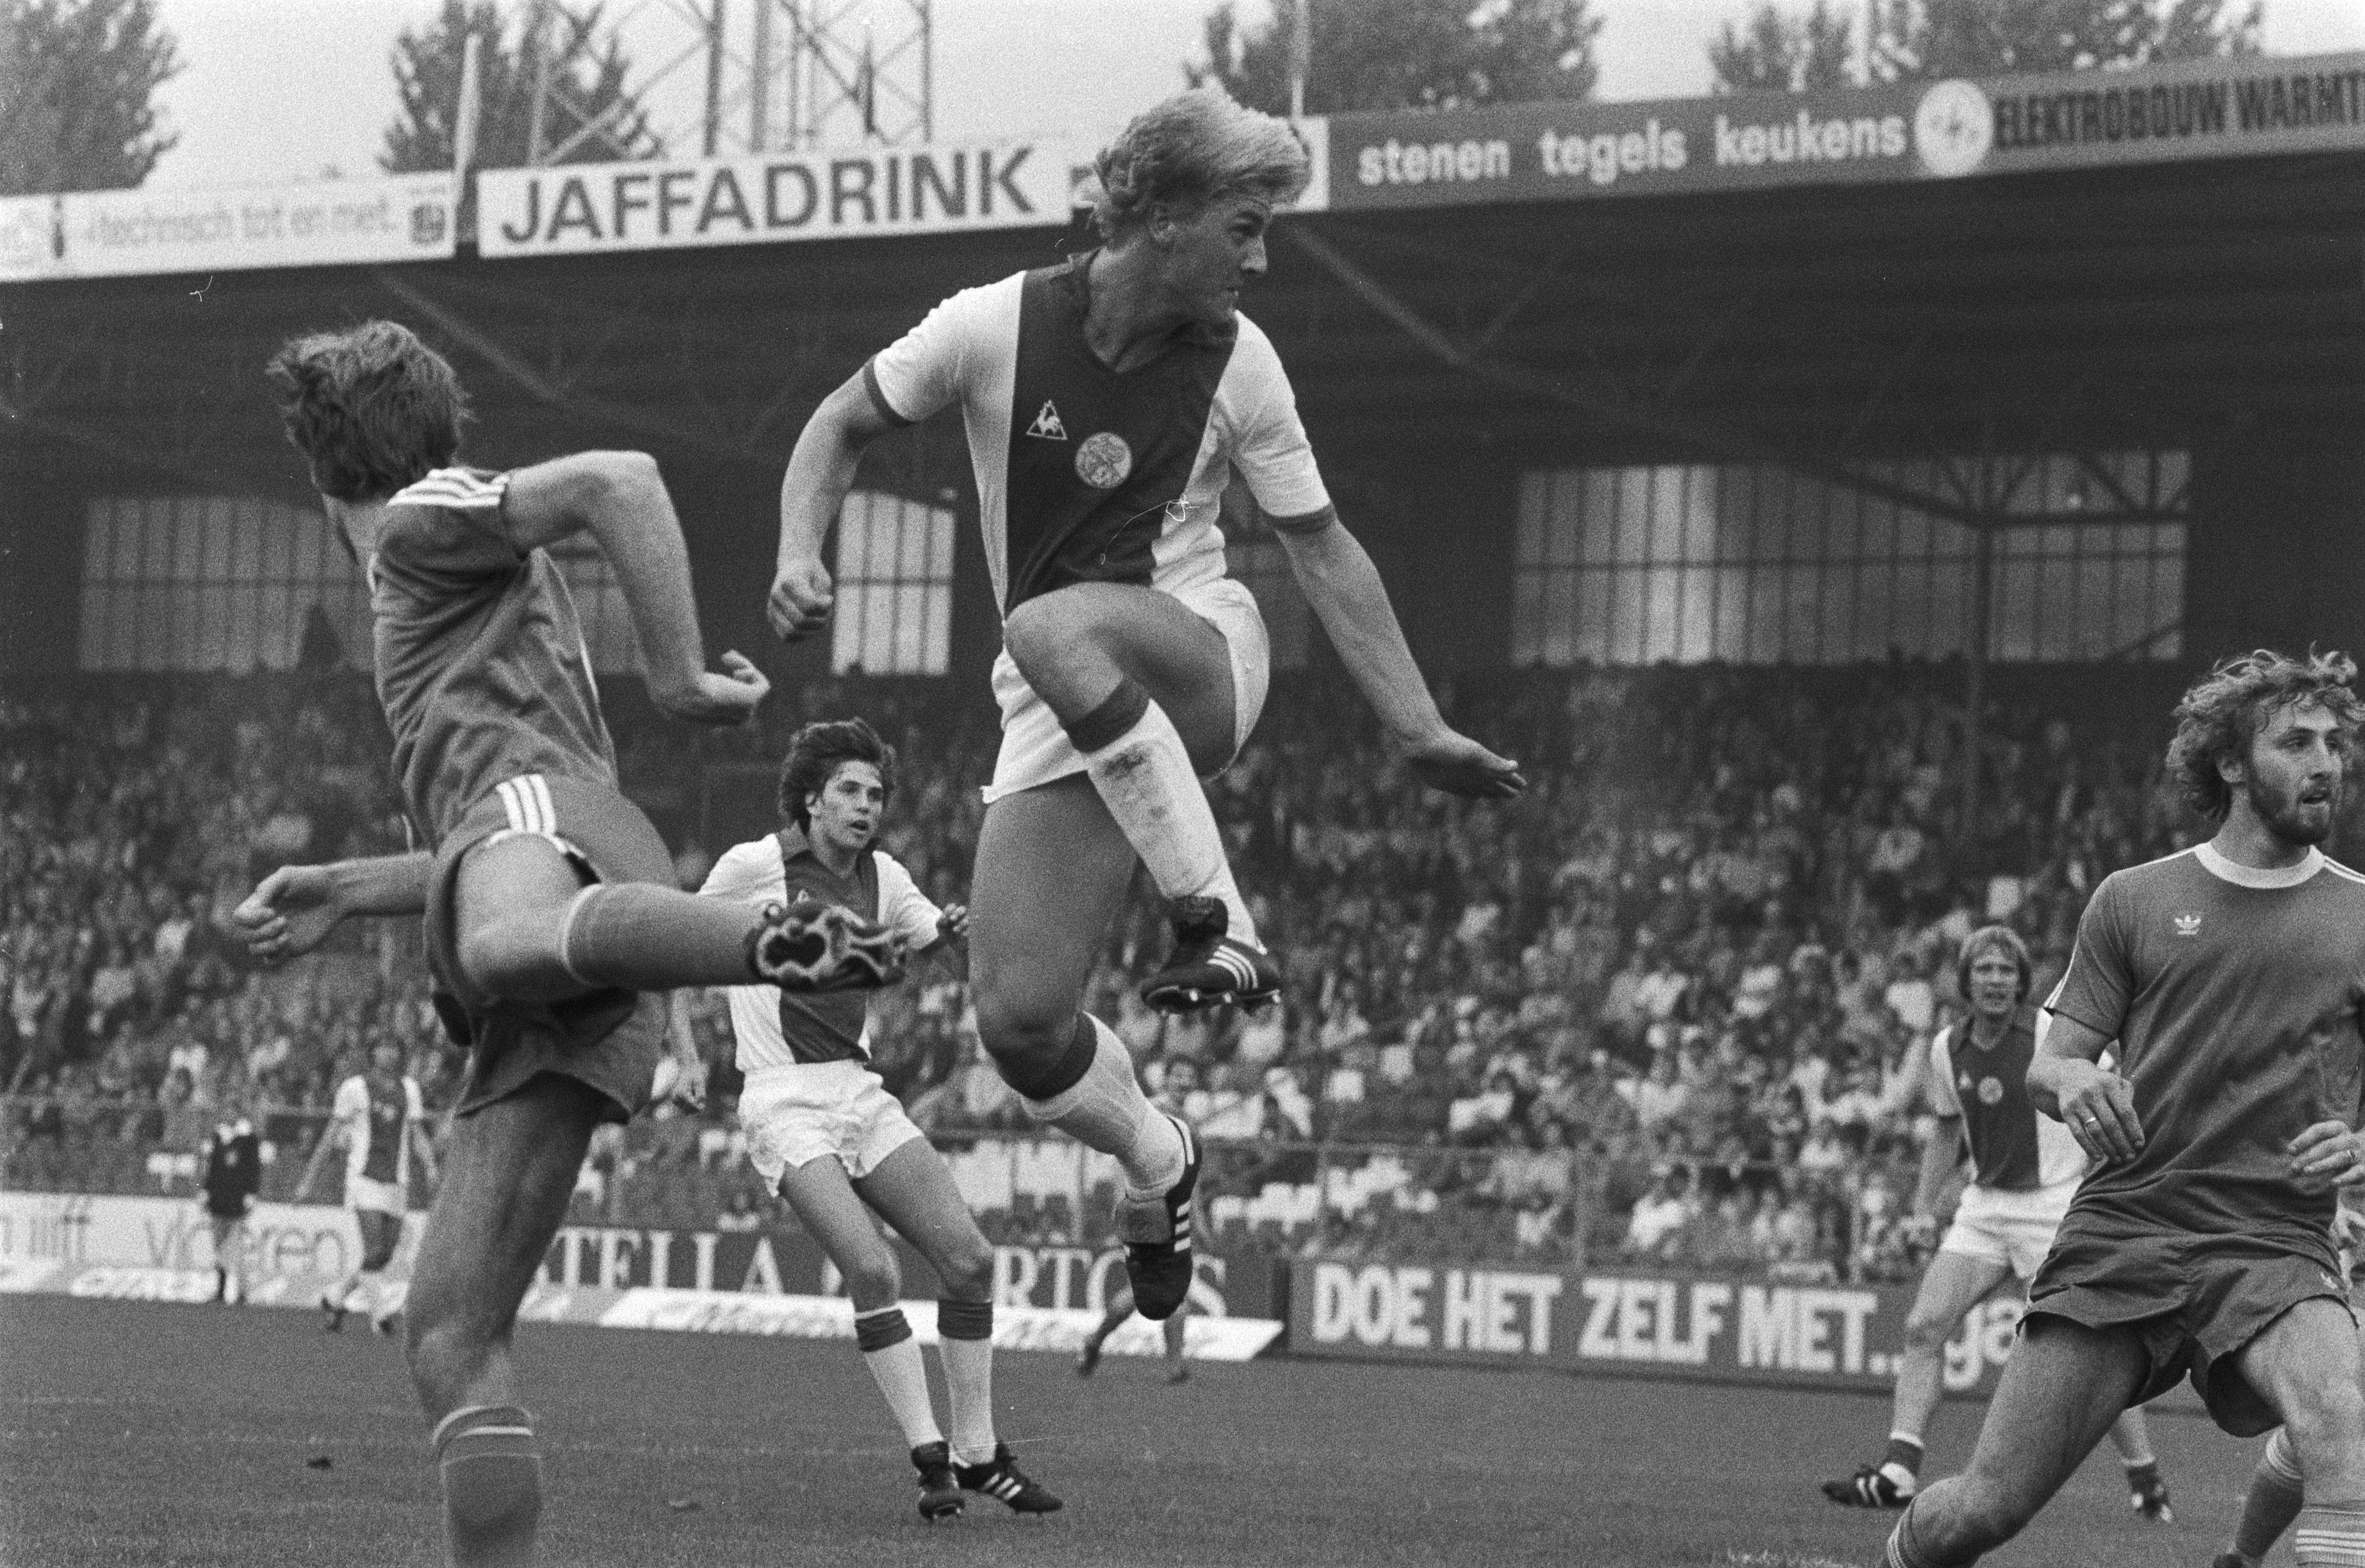 ملف:Ajax tegen FC Groningen 5-1, Wim Kieft van Ajax in actie